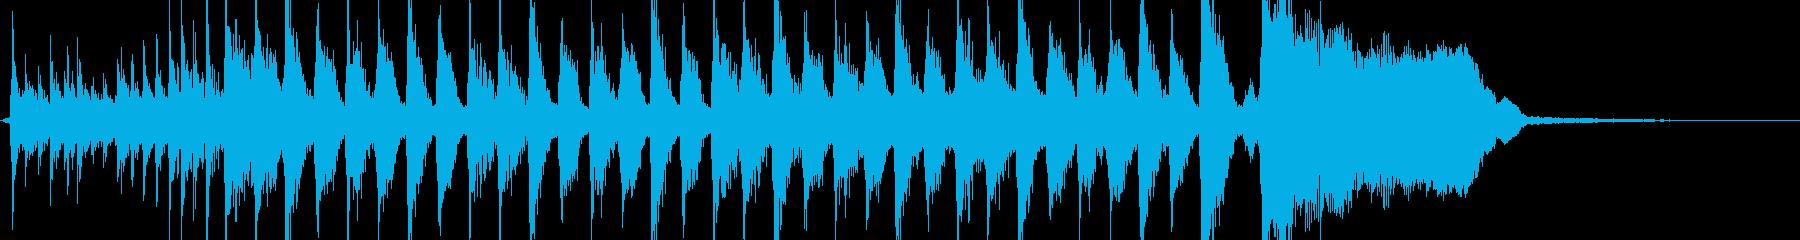 ユーモラスで短い「バットマン」テー...の再生済みの波形